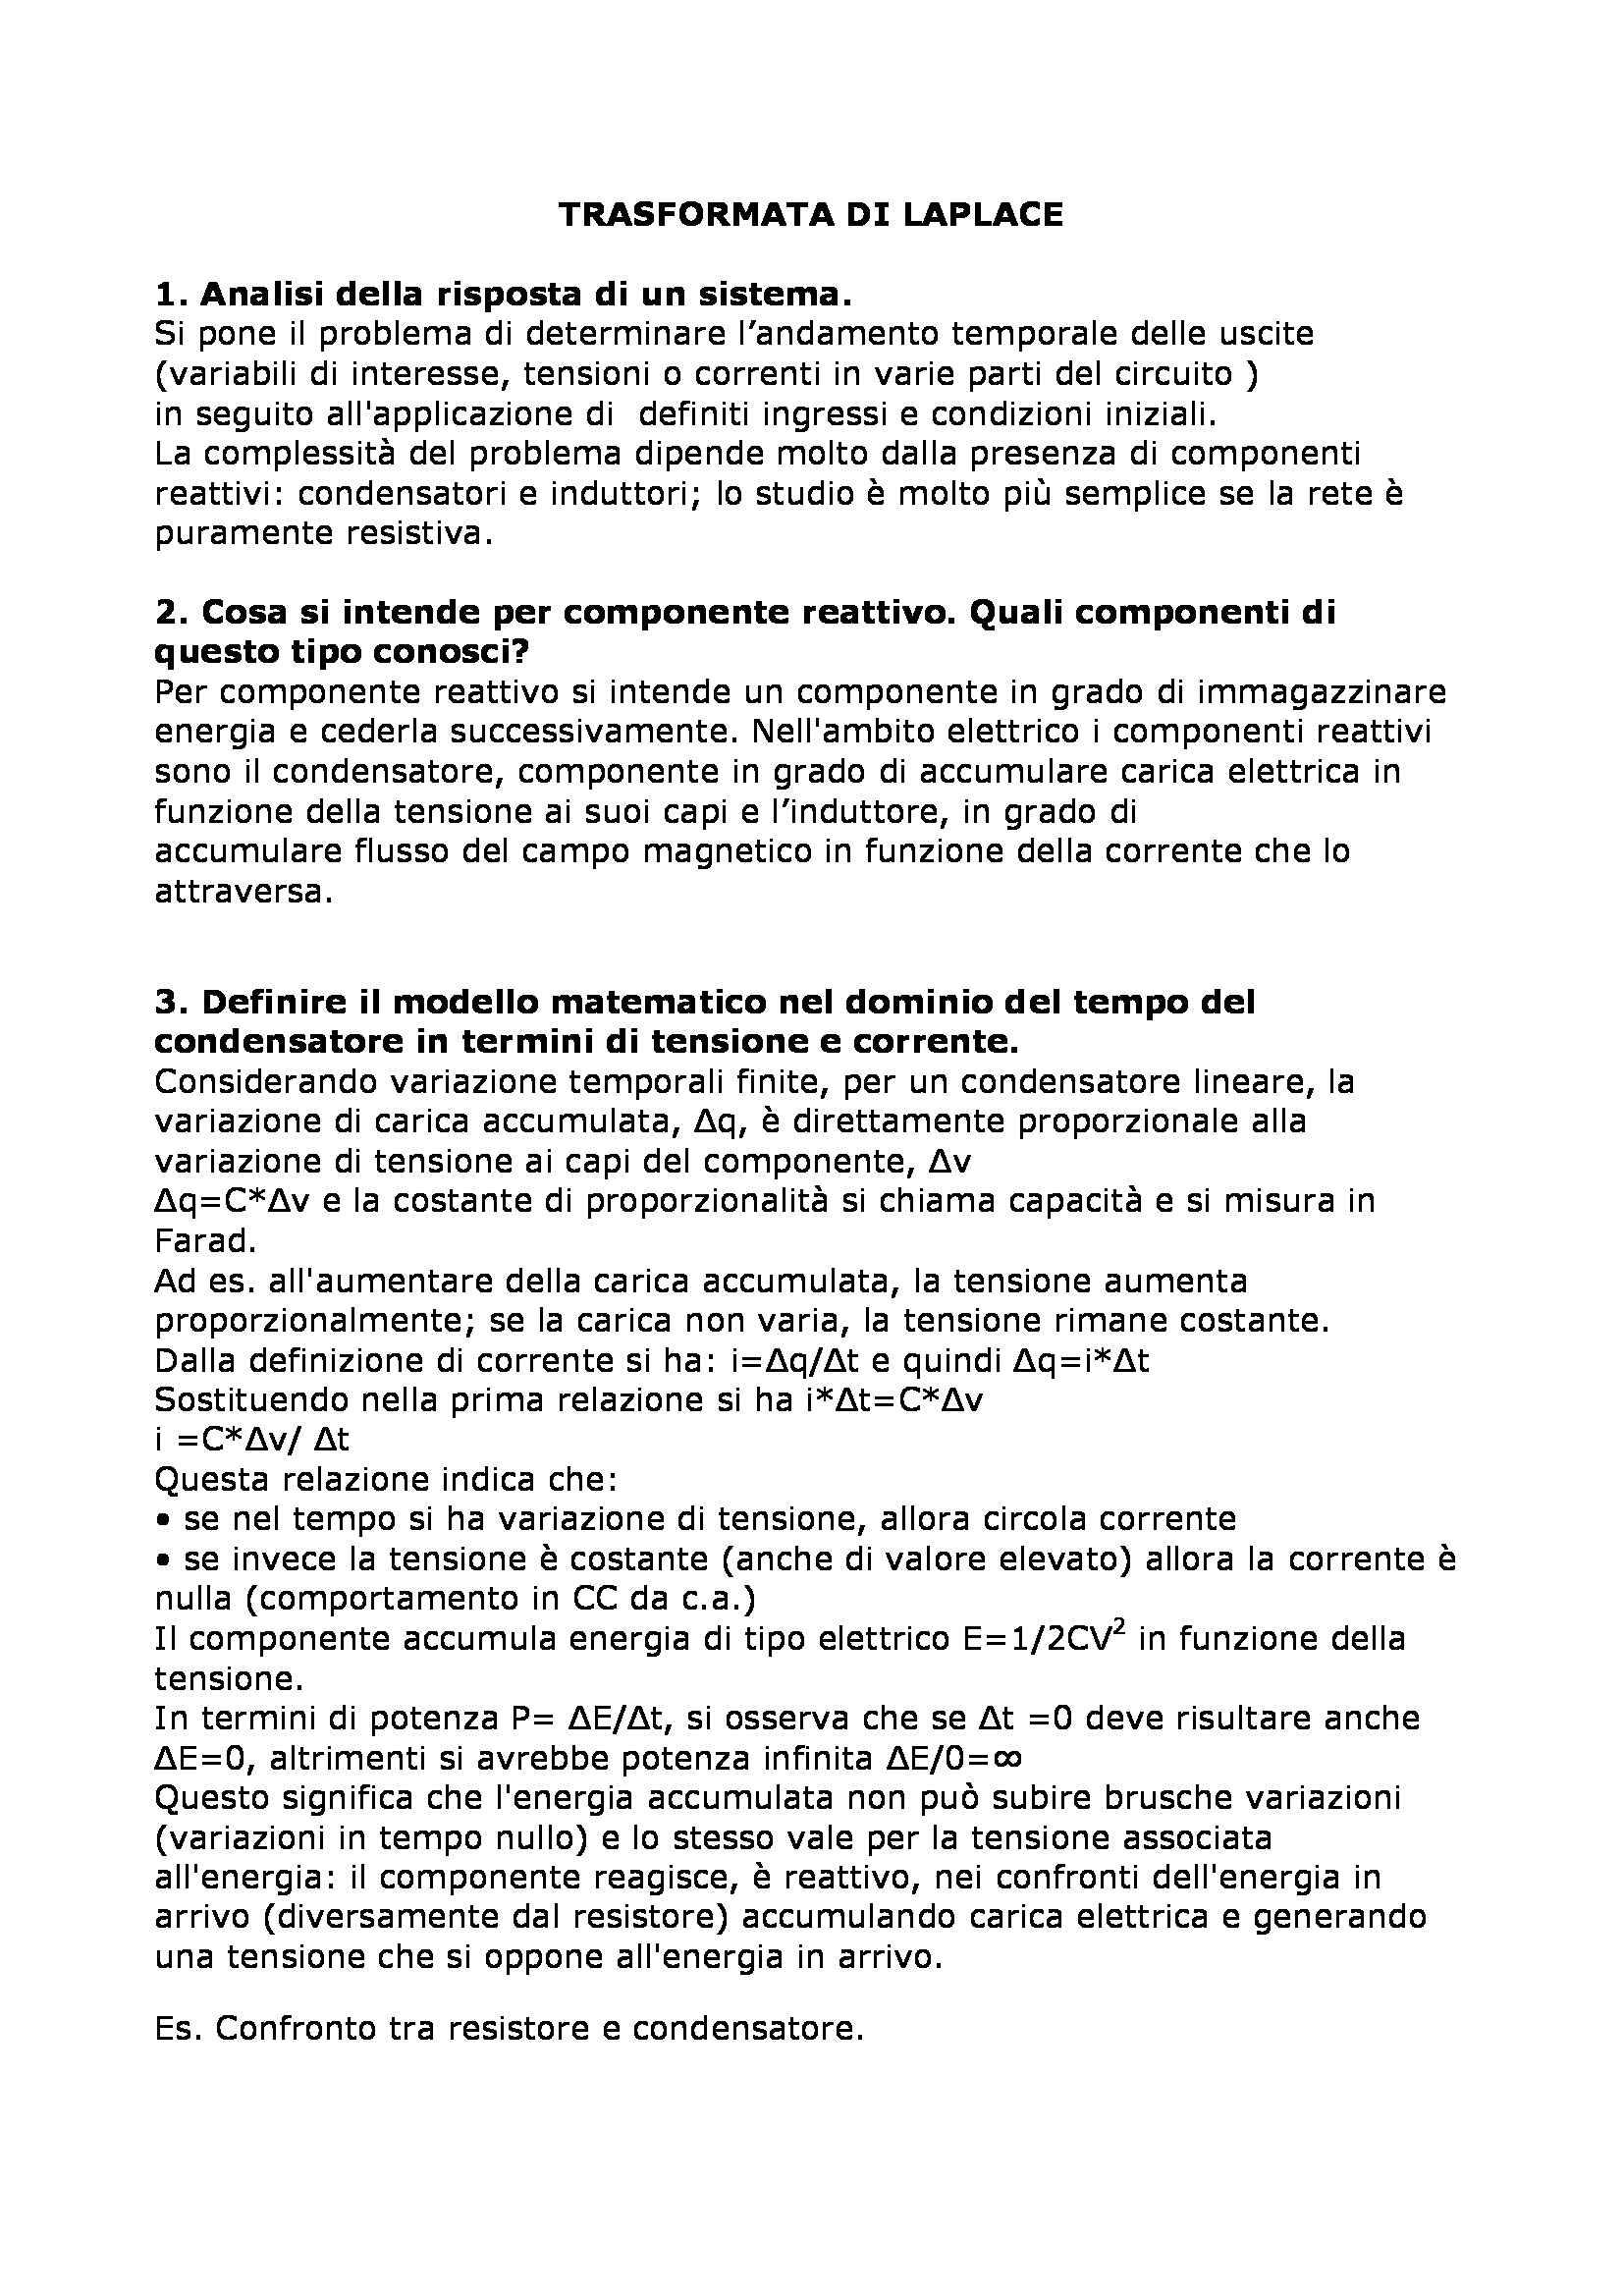 Sistemi elettronici programmabili - Trasformata di Laplace